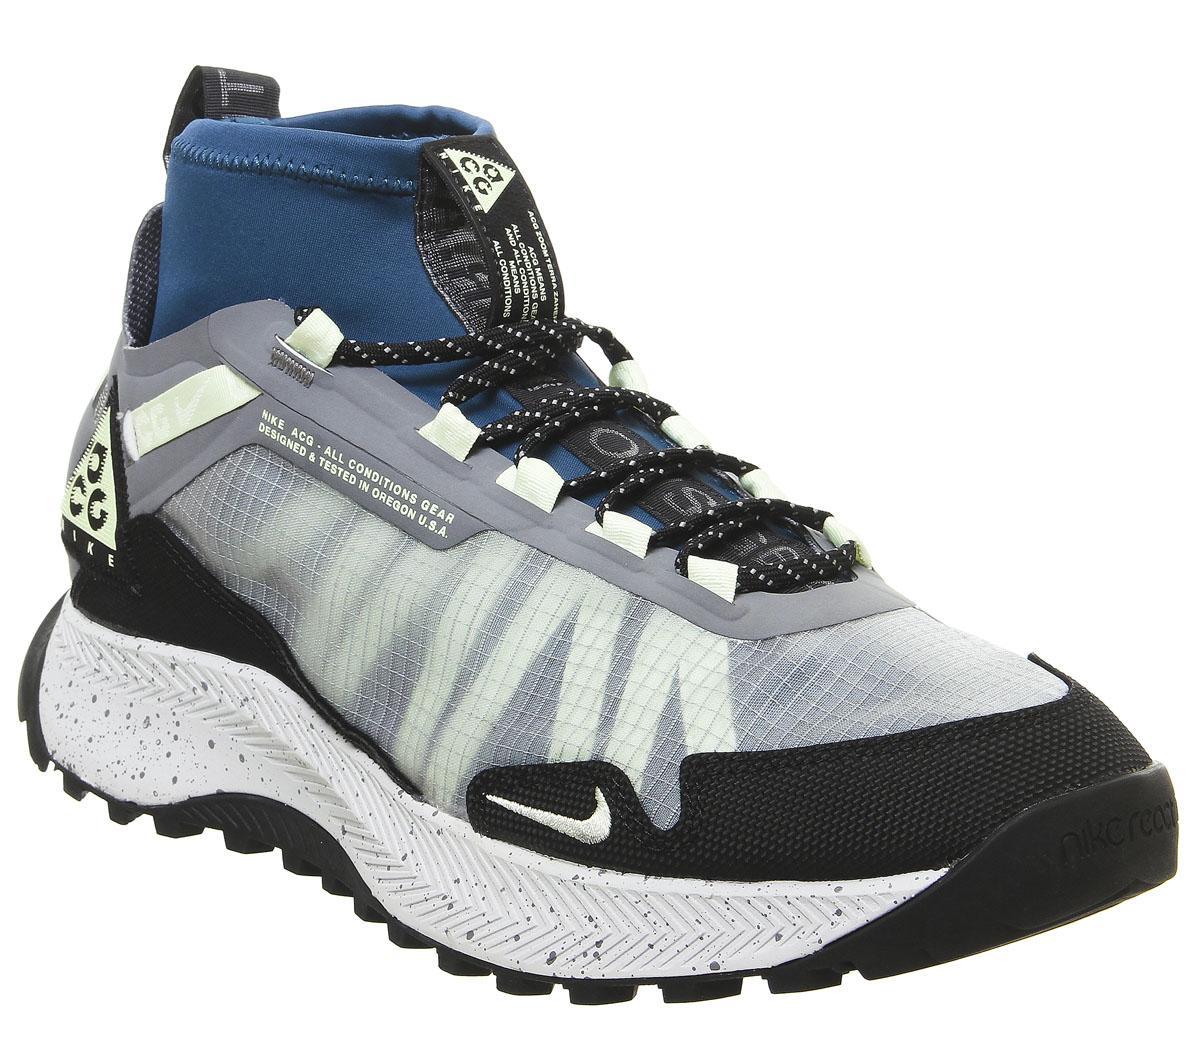 Nike Acg Zoom Terra Zaherra Trainers